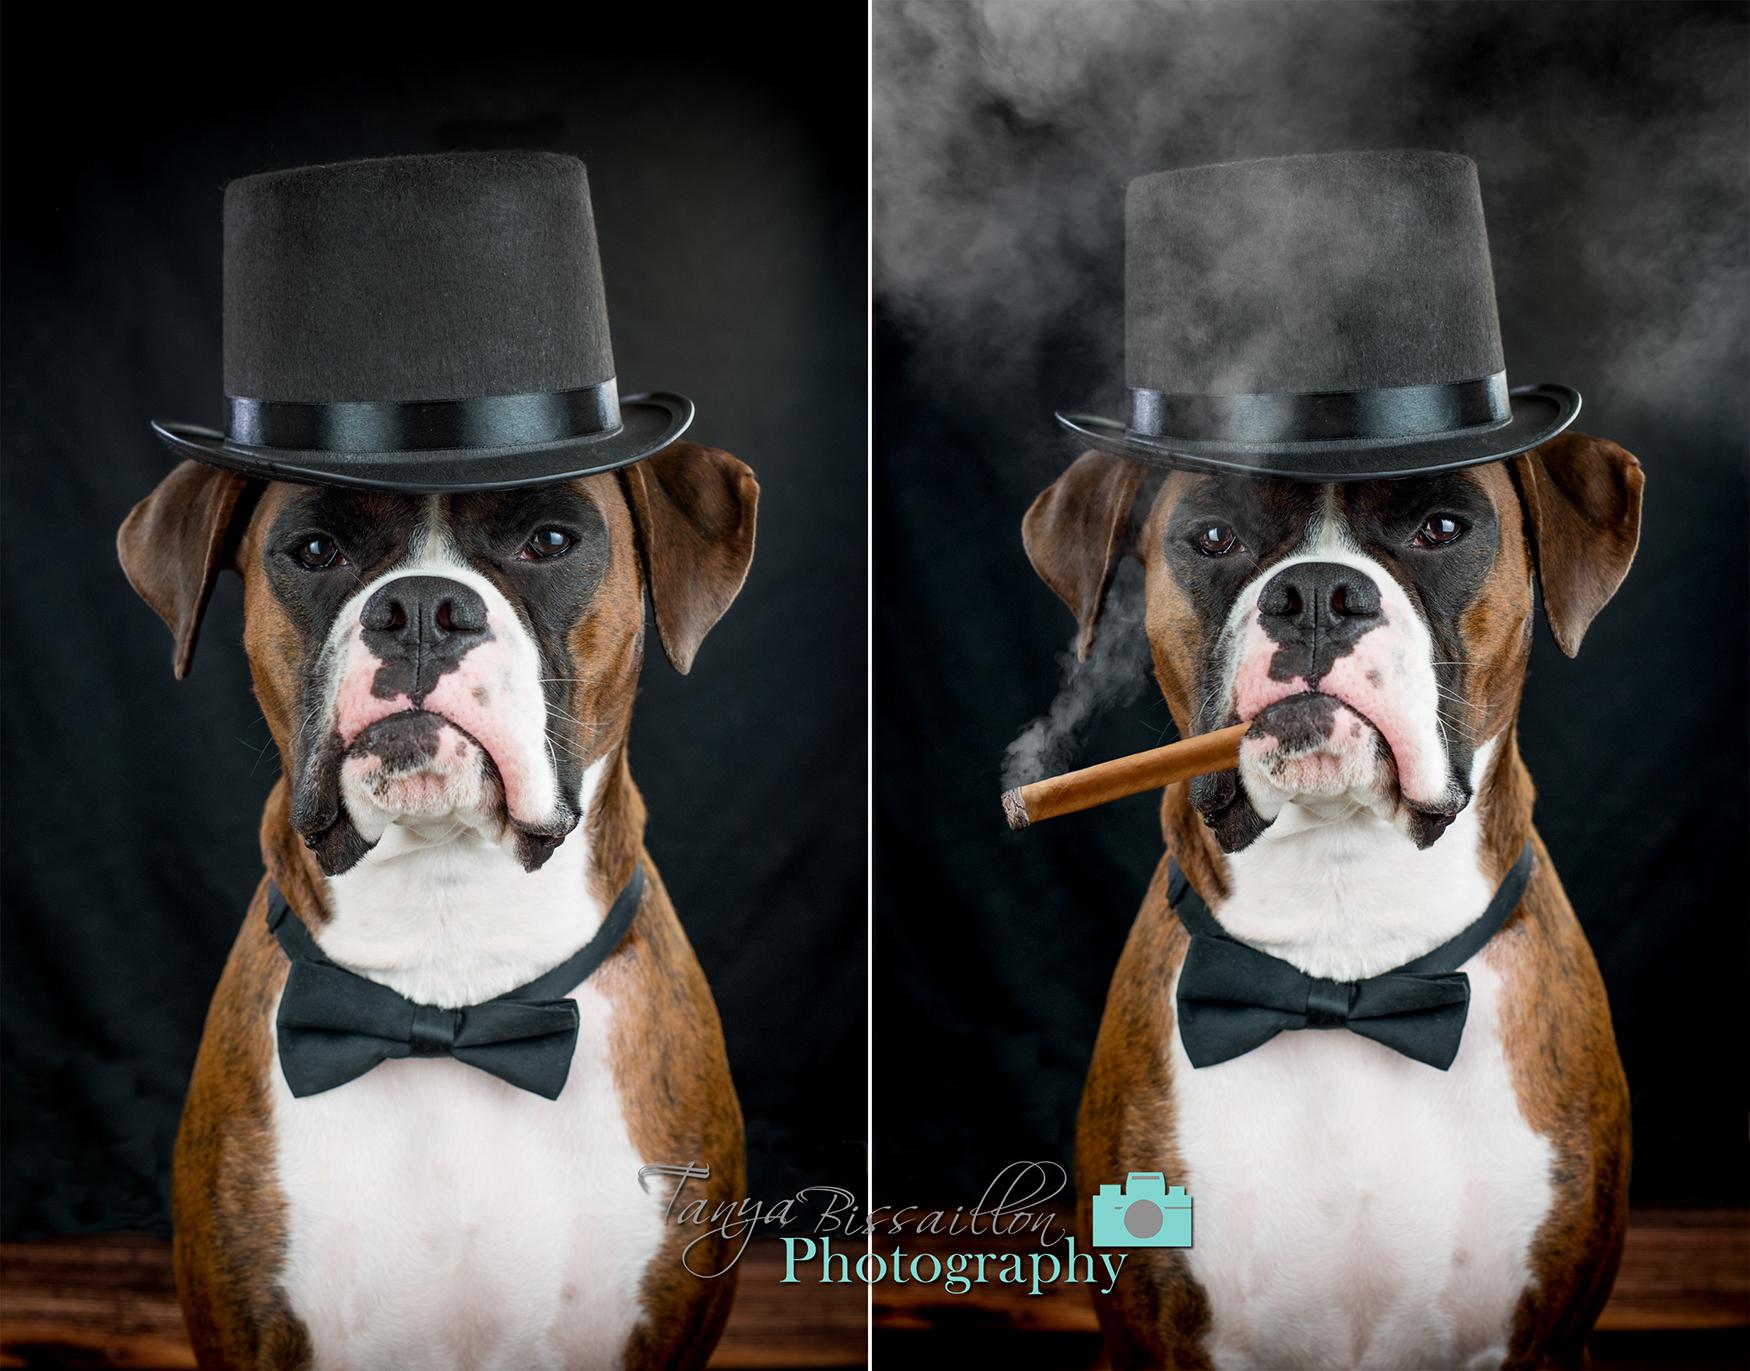 Dog in hat smoking cigar